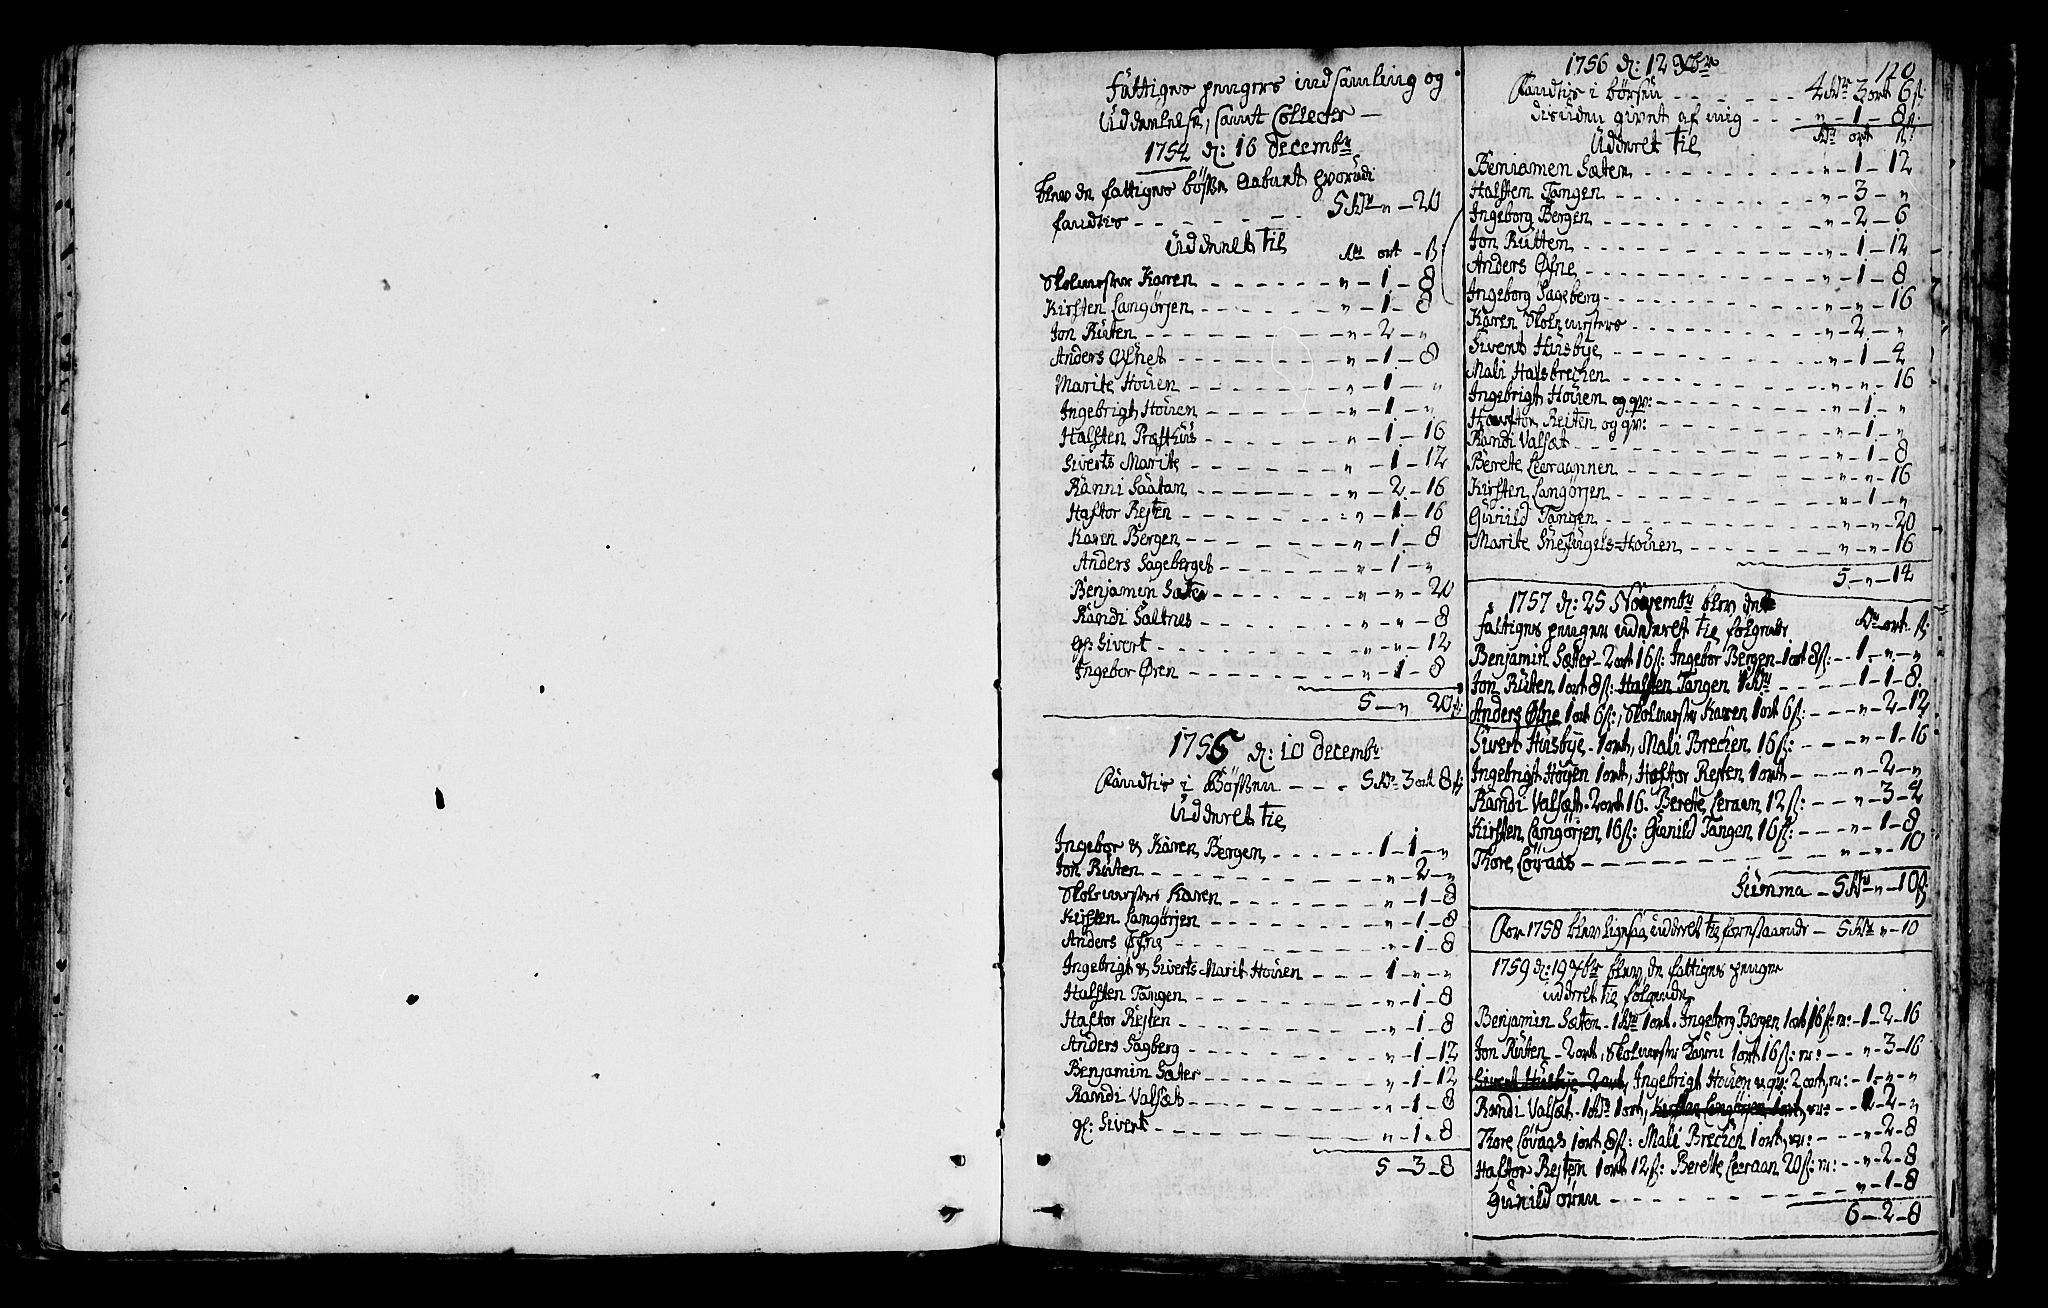 SAT, Ministerialprotokoller, klokkerbøker og fødselsregistre - Sør-Trøndelag, 666/L0784: Ministerialbok nr. 666A02, 1754-1802, s. 120